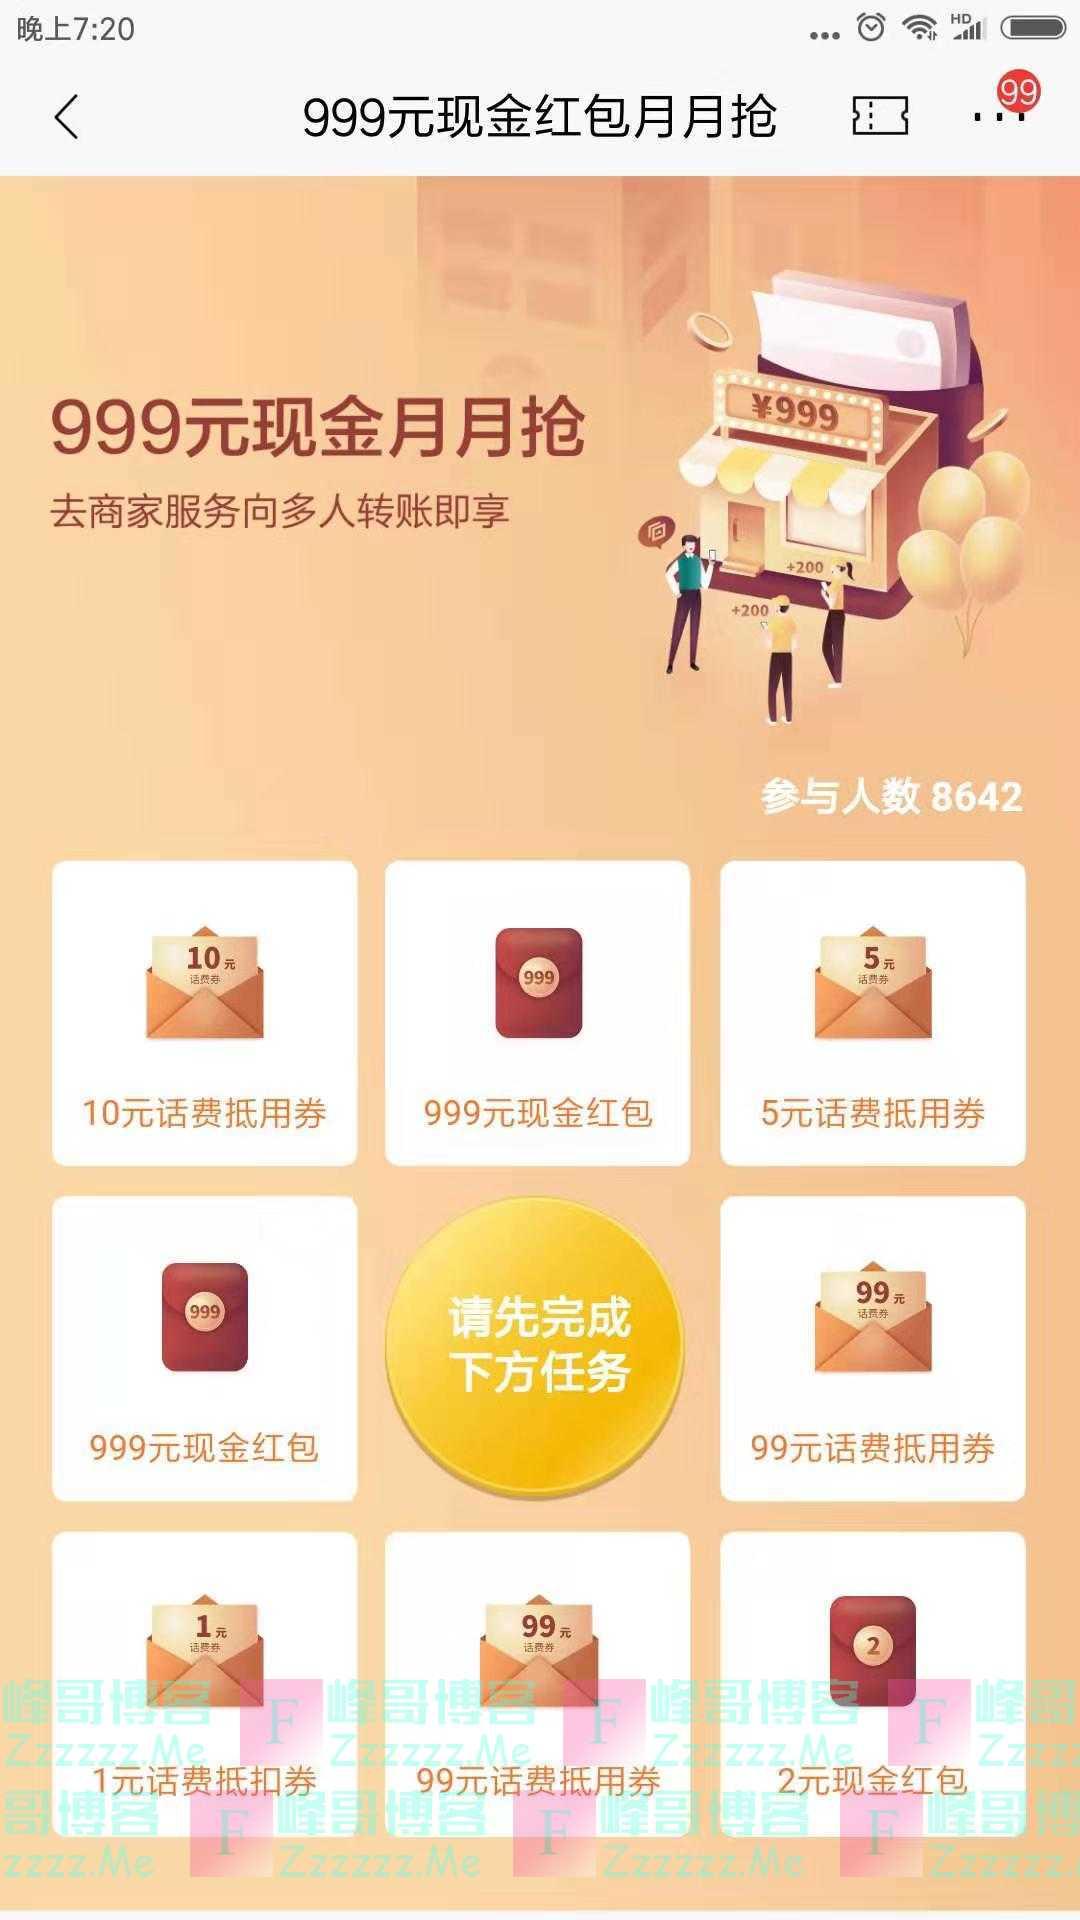 招行999元现金月月抢(截止20年4月30日)